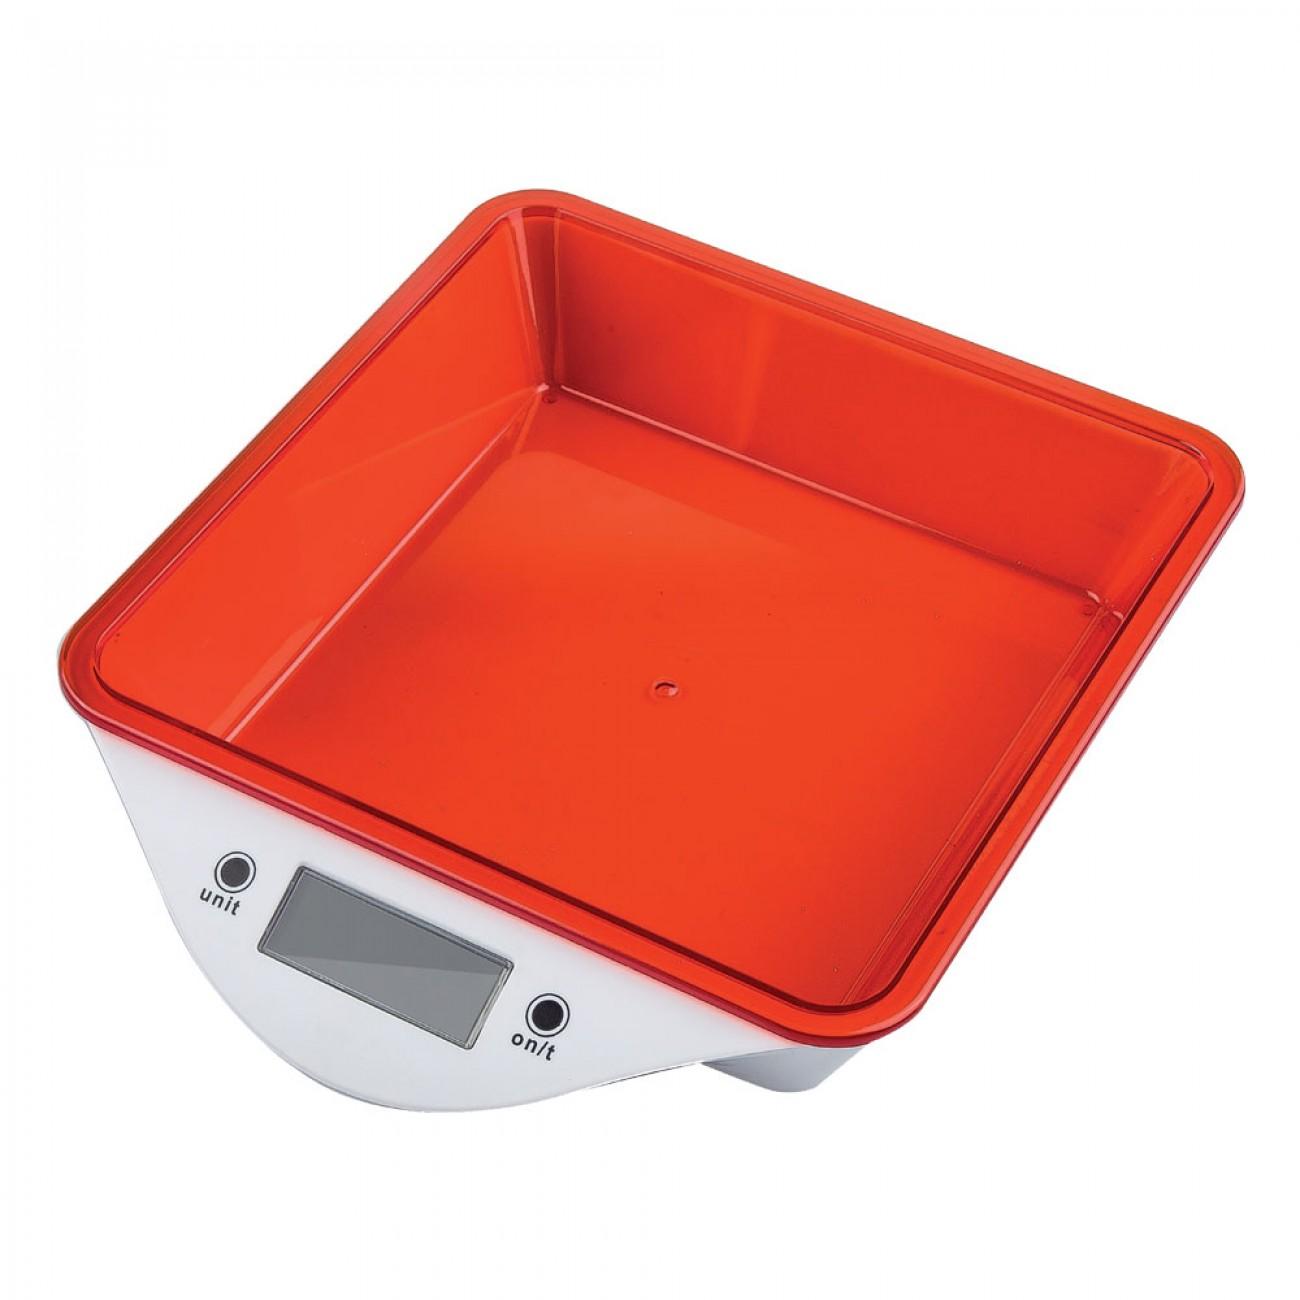 Кухненска дигитална везна ZEPHYR ZP 1651 LS, 5 кг, LCD екран, Включена батерия, Червена в Кухненски везни - ZEPHYR | Alleop